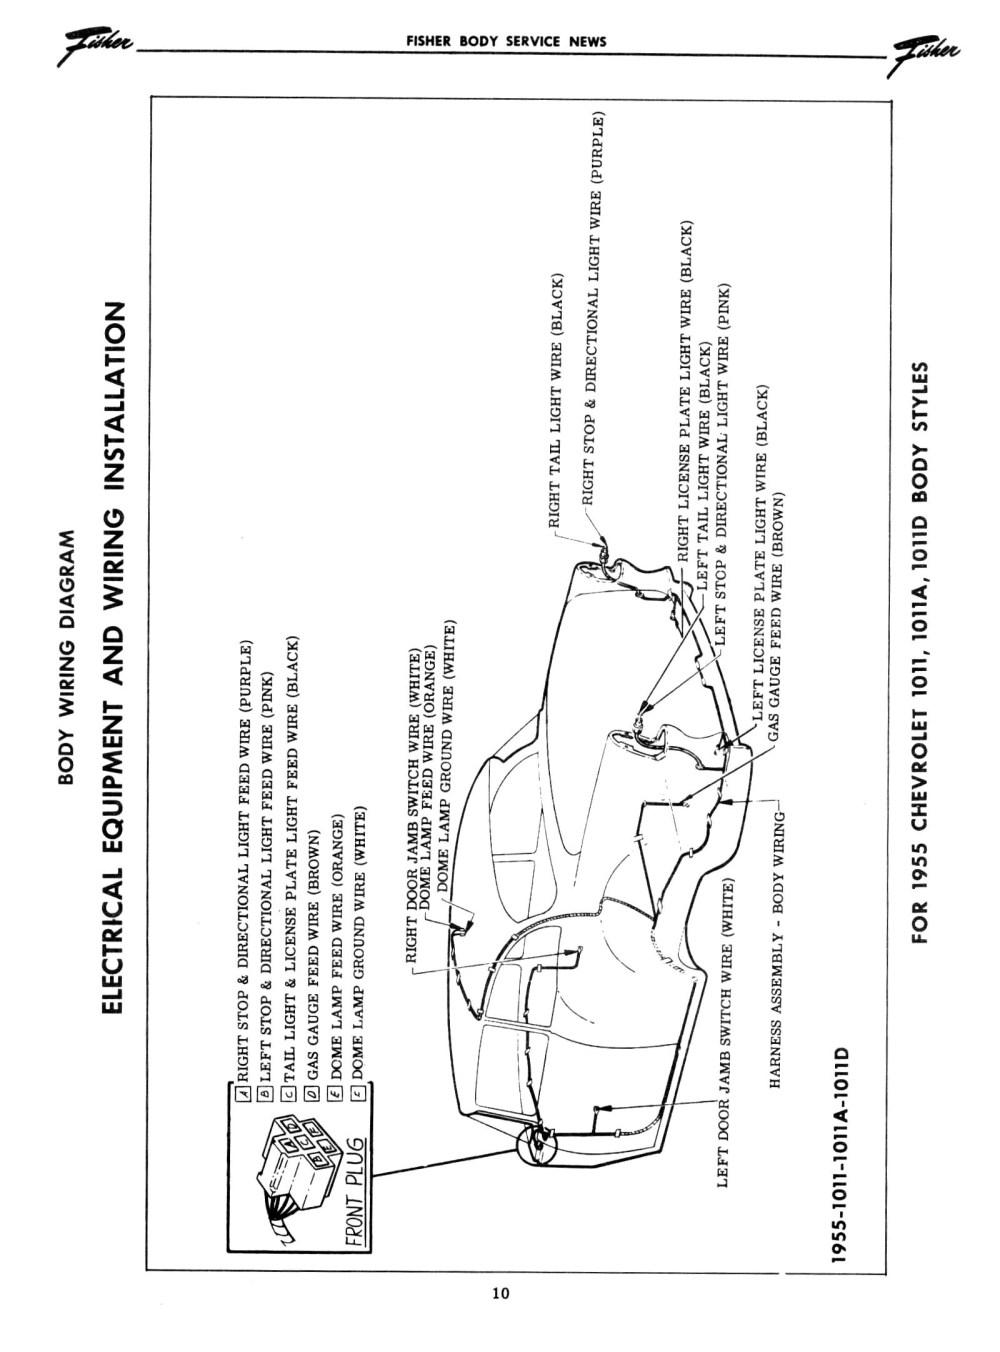 medium resolution of 1950 ford truck wiring schematic